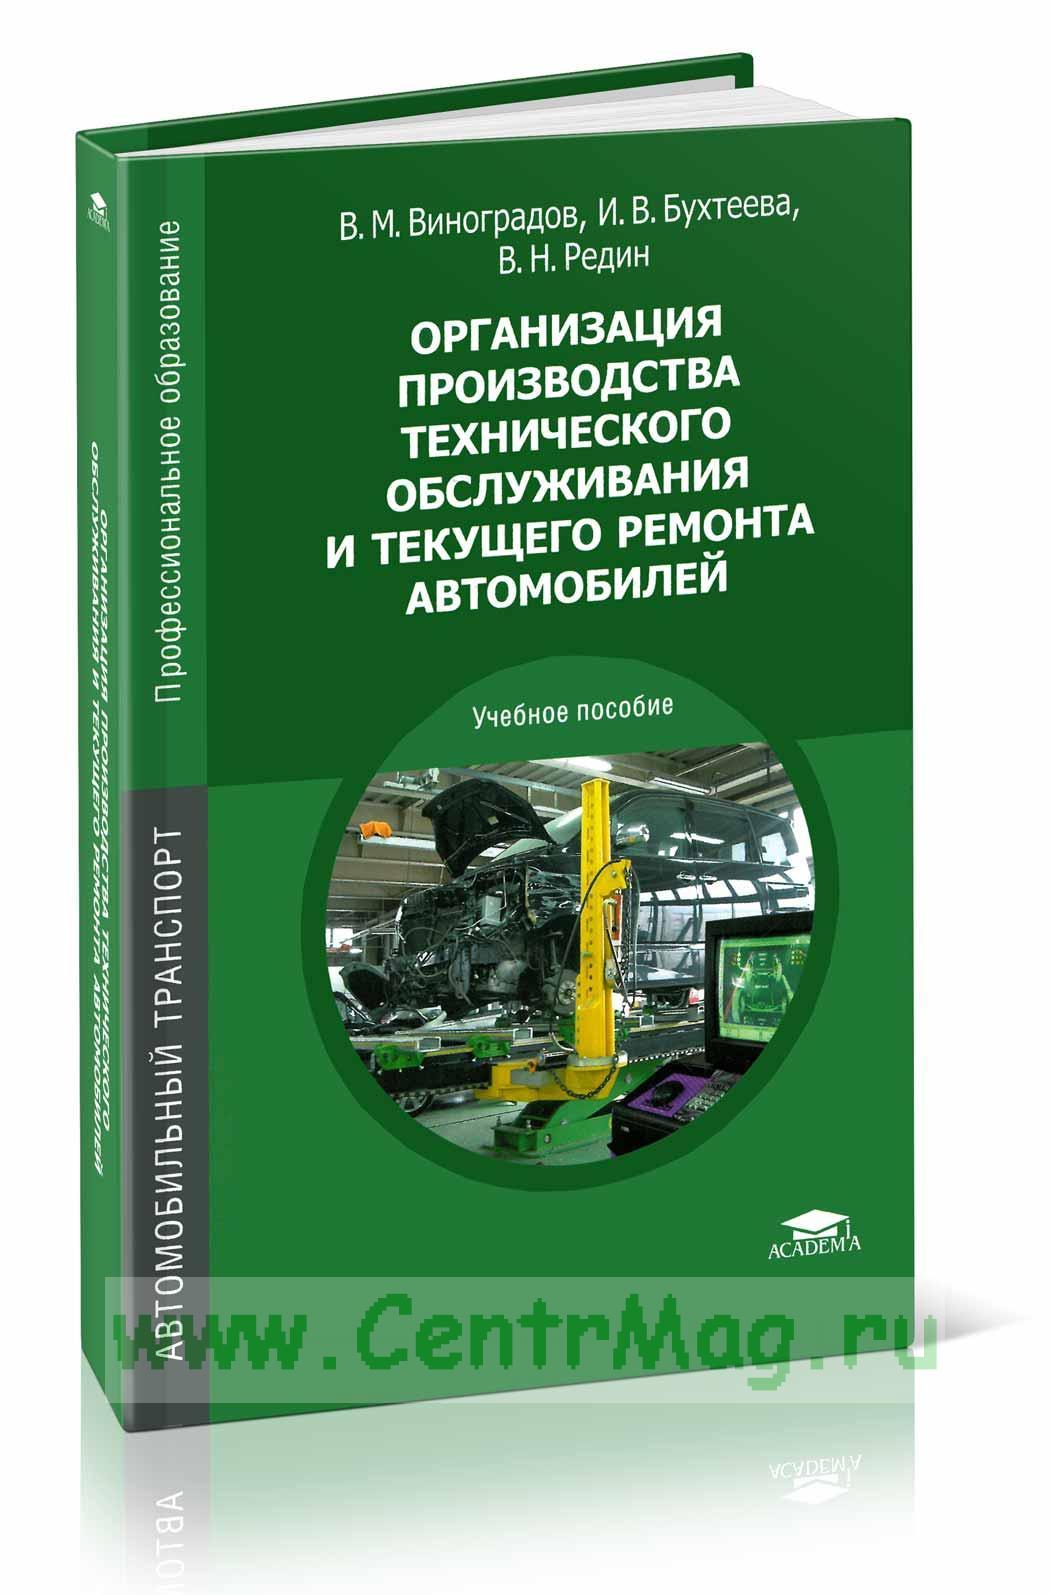 Организация производства техничесого обслуживания и текущего ремонта автомобилей: учебное пособие (6-е издание, стереотипное)